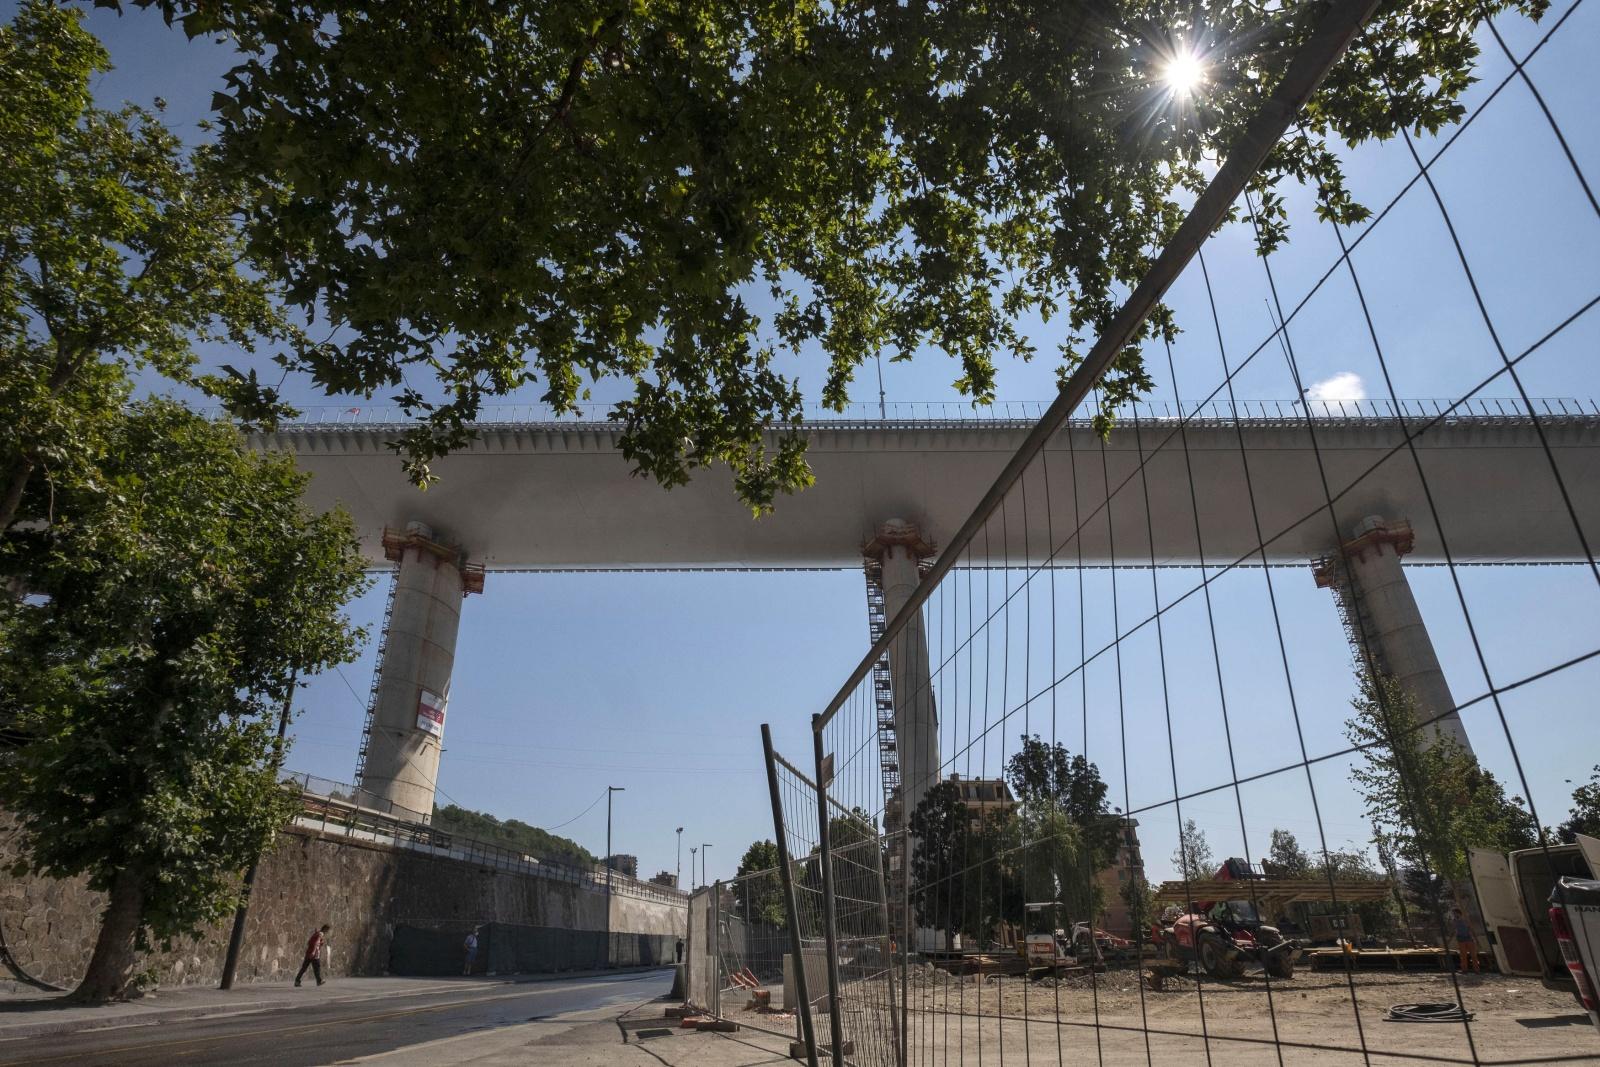 Genova, il nuovo ponte San Giorgio, progettato da Renzo Piano costruito dopo il crollo del Morandi il 14 agosto del 2018